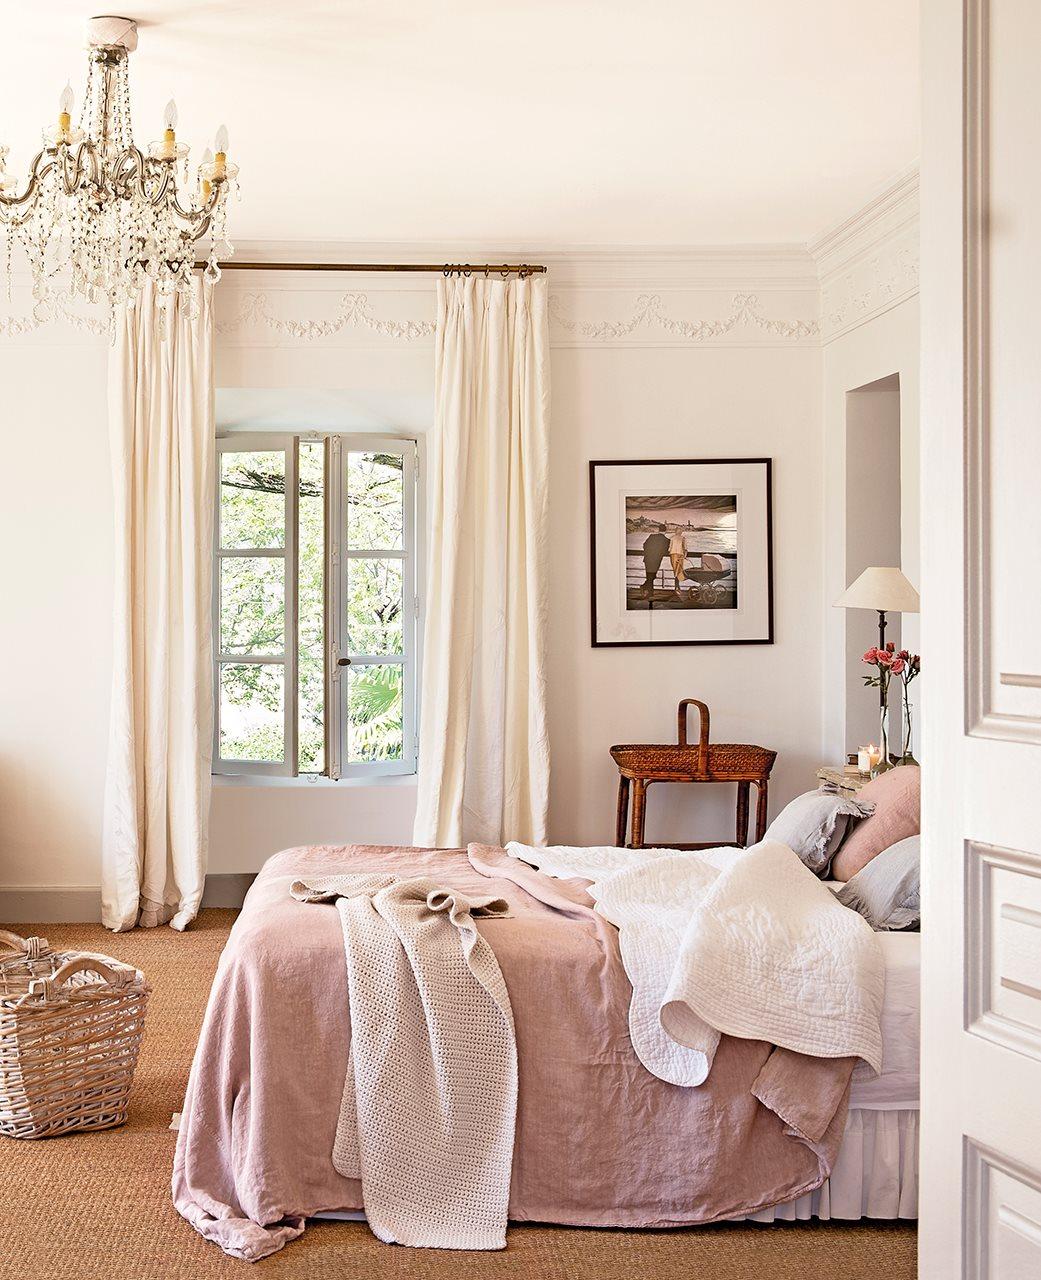 dormitorio con lampara de arana y suelo enmoquetado 1041x1280 - La Ferme du Bon Dieu: A farm converted into a house which holds a love story